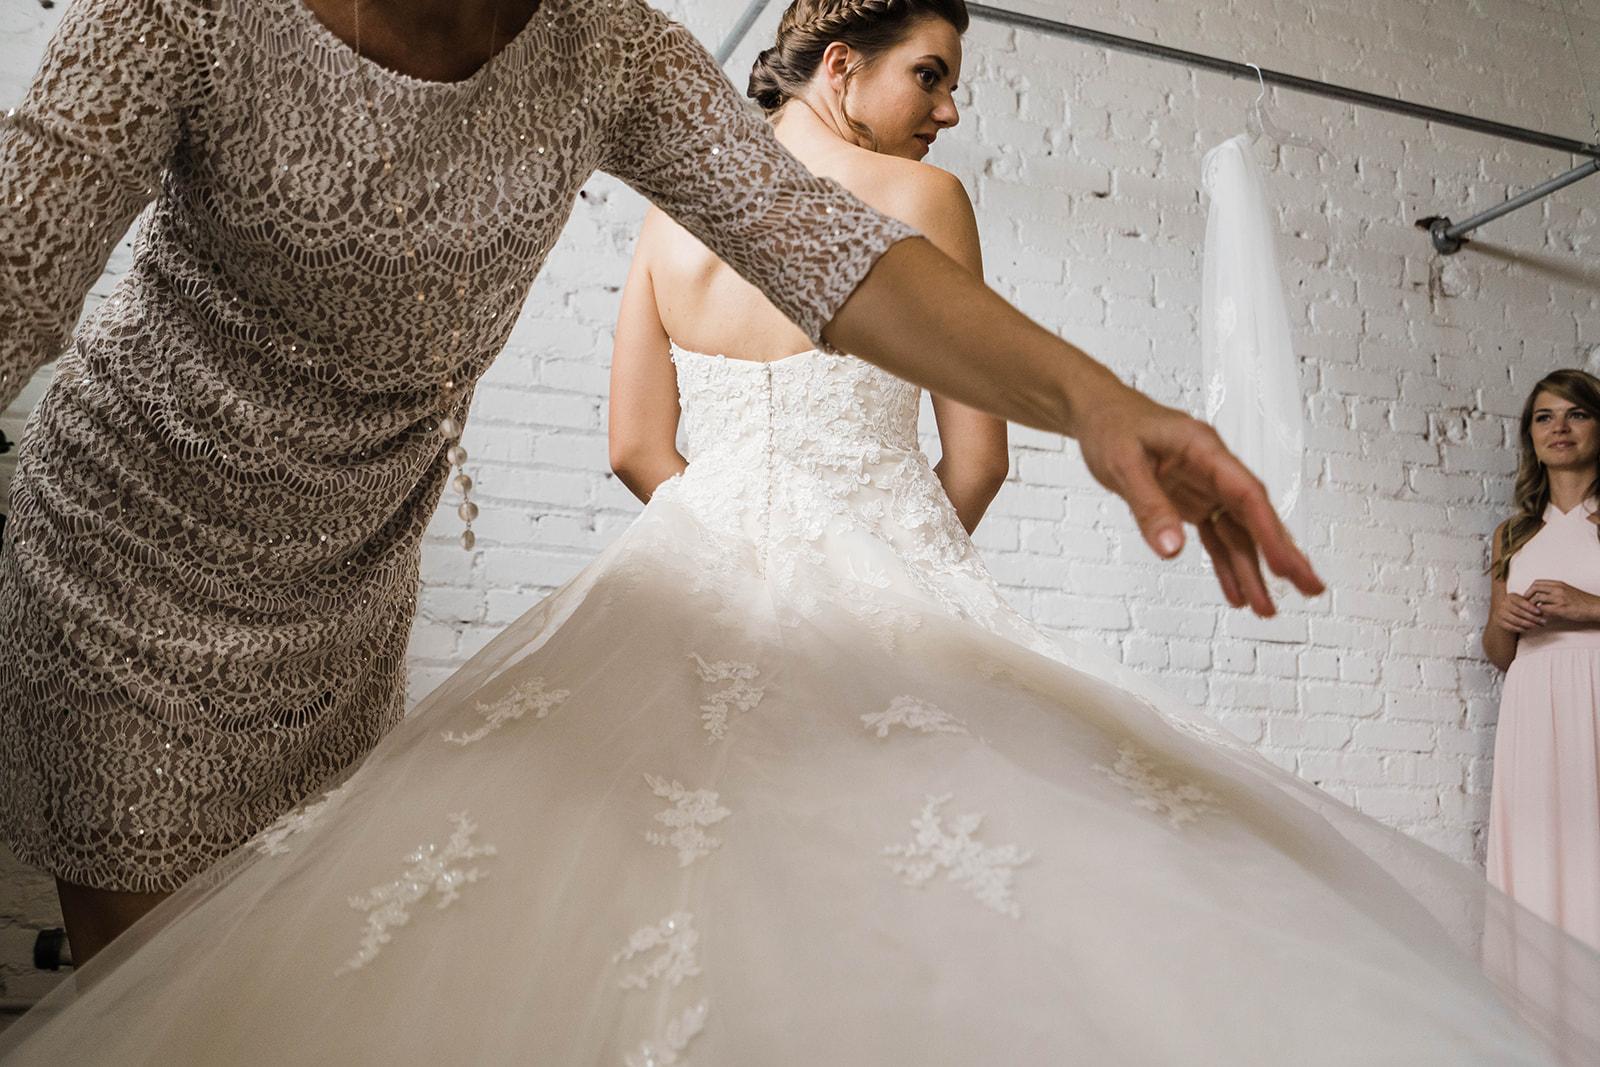 Katy_and_Solomon_Wedding_2019-53.jpg